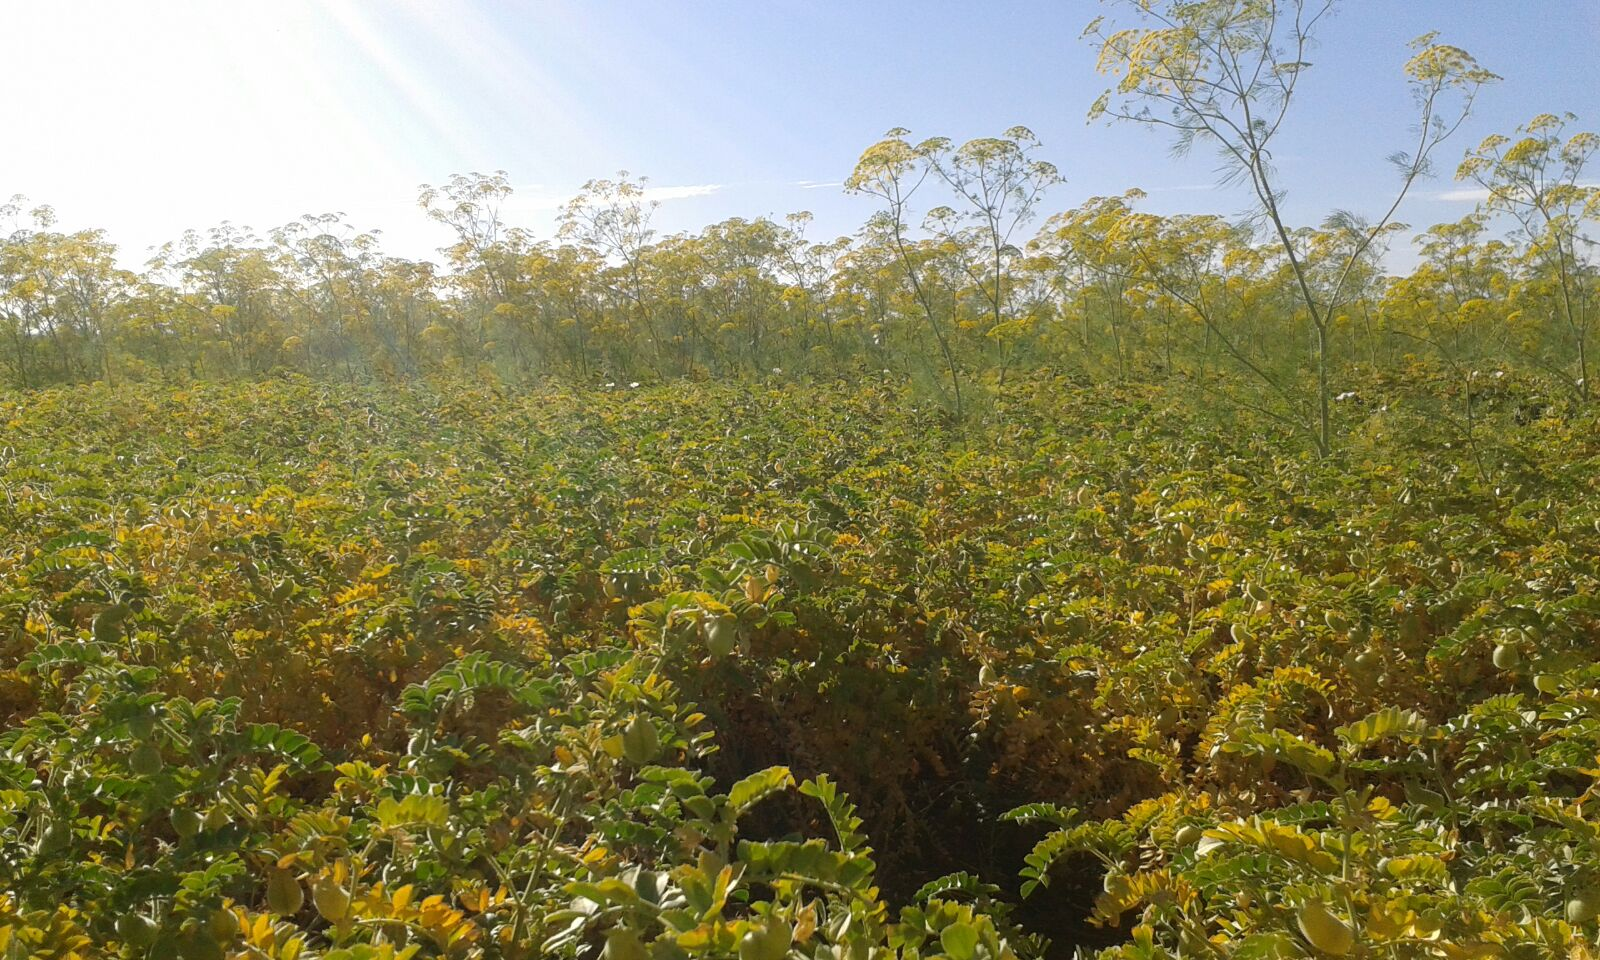 Ridolfia segetum infestando cultivo de garbanzo